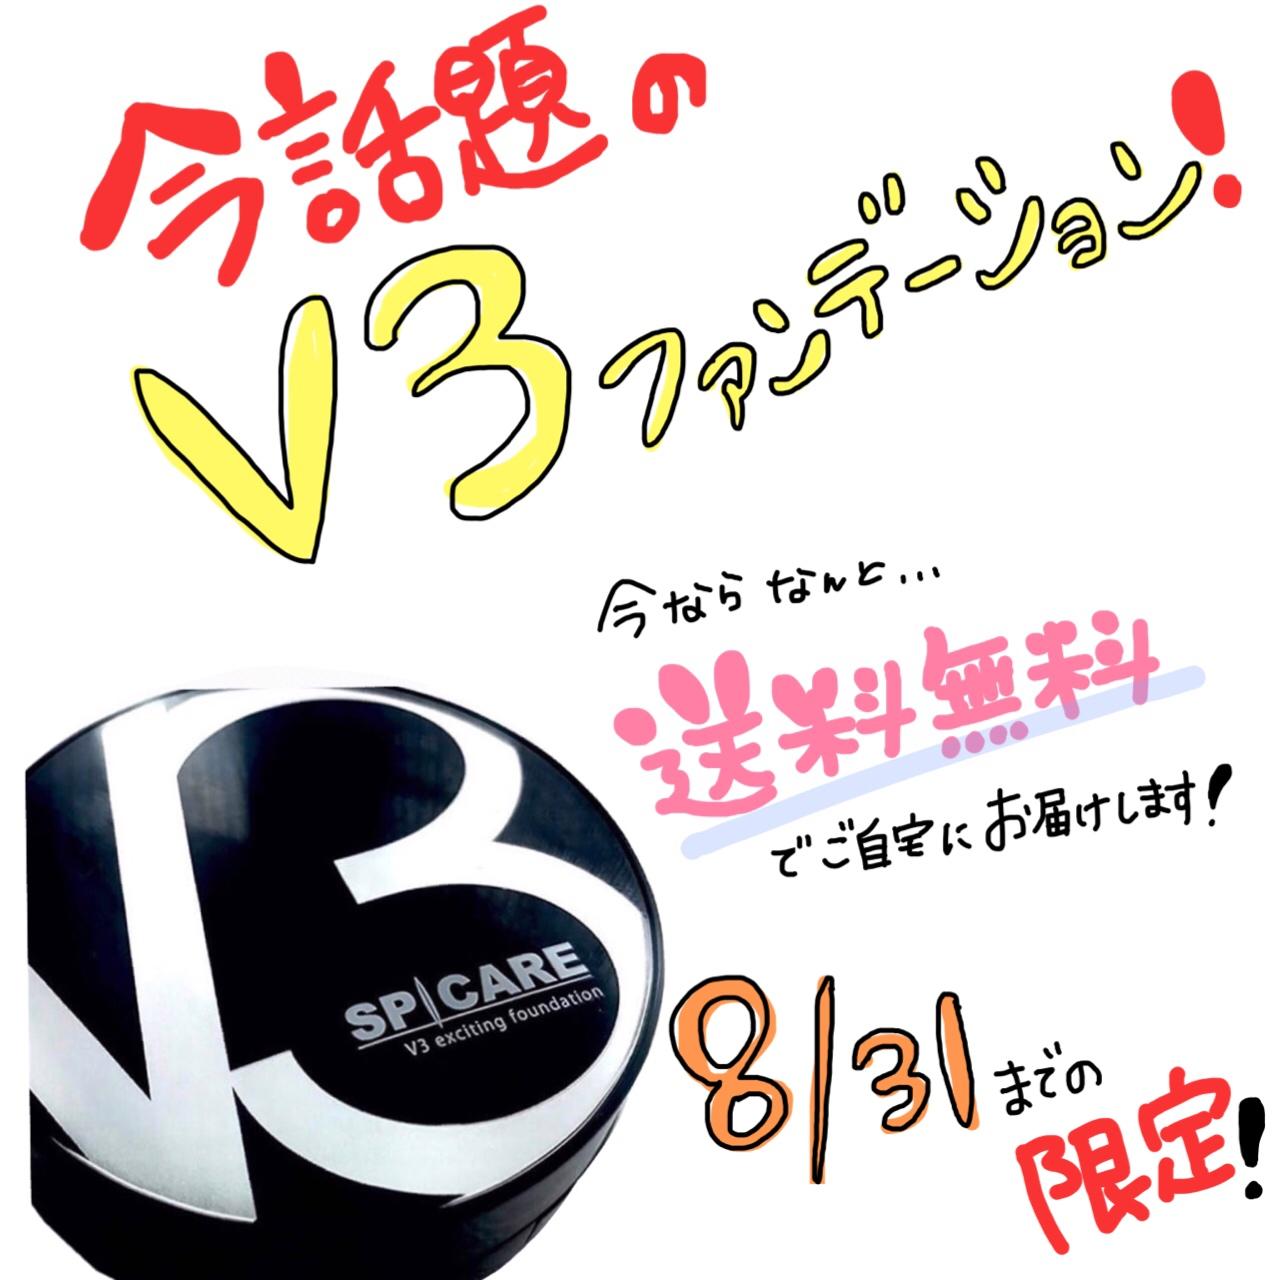 【V3ファンデーション】再入荷&送料無料のお知らせ♪